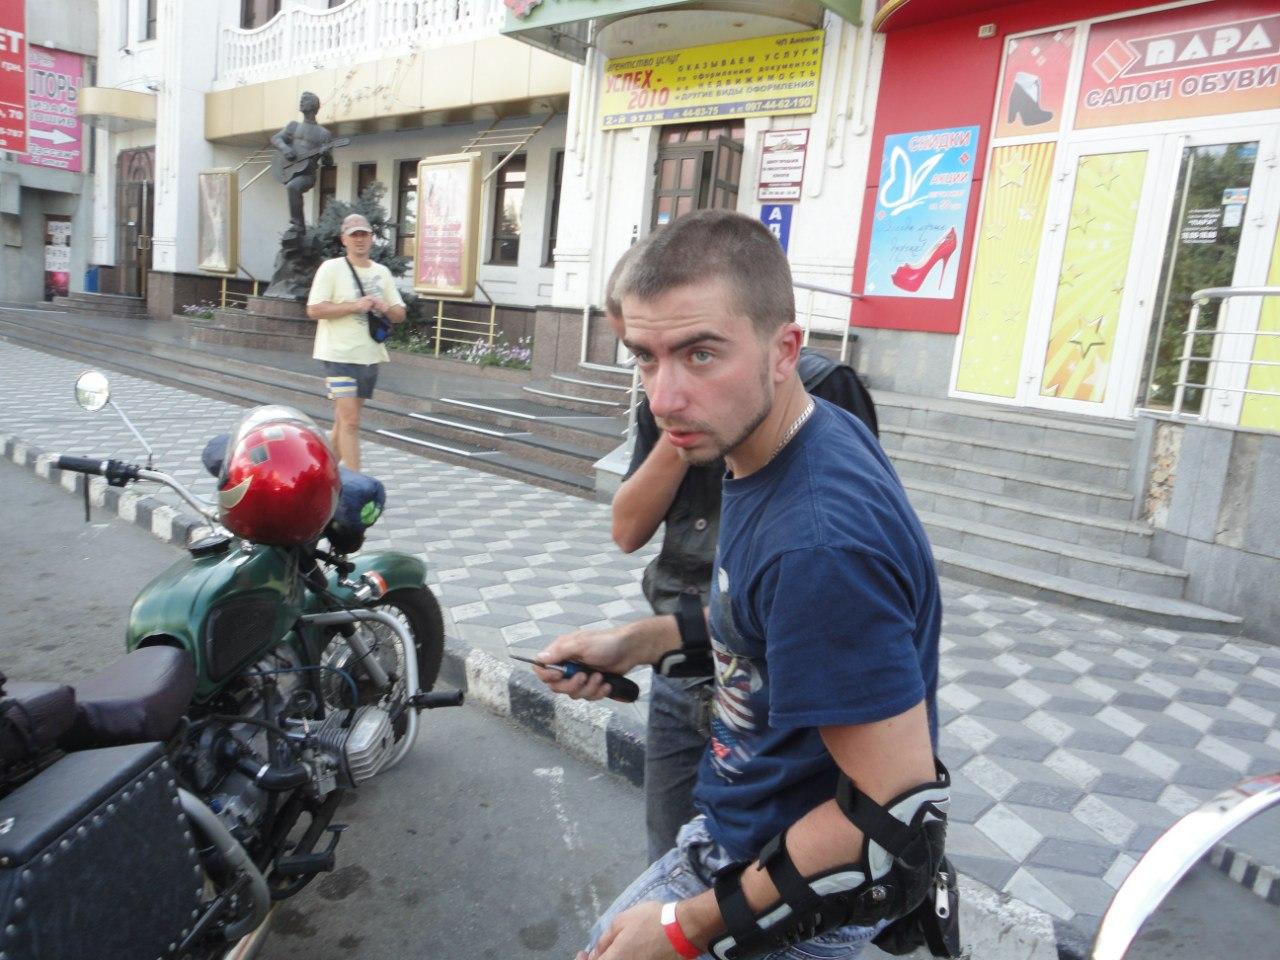 Ищутся попутчики на поезду в Крым! I-DUkRGrxXk